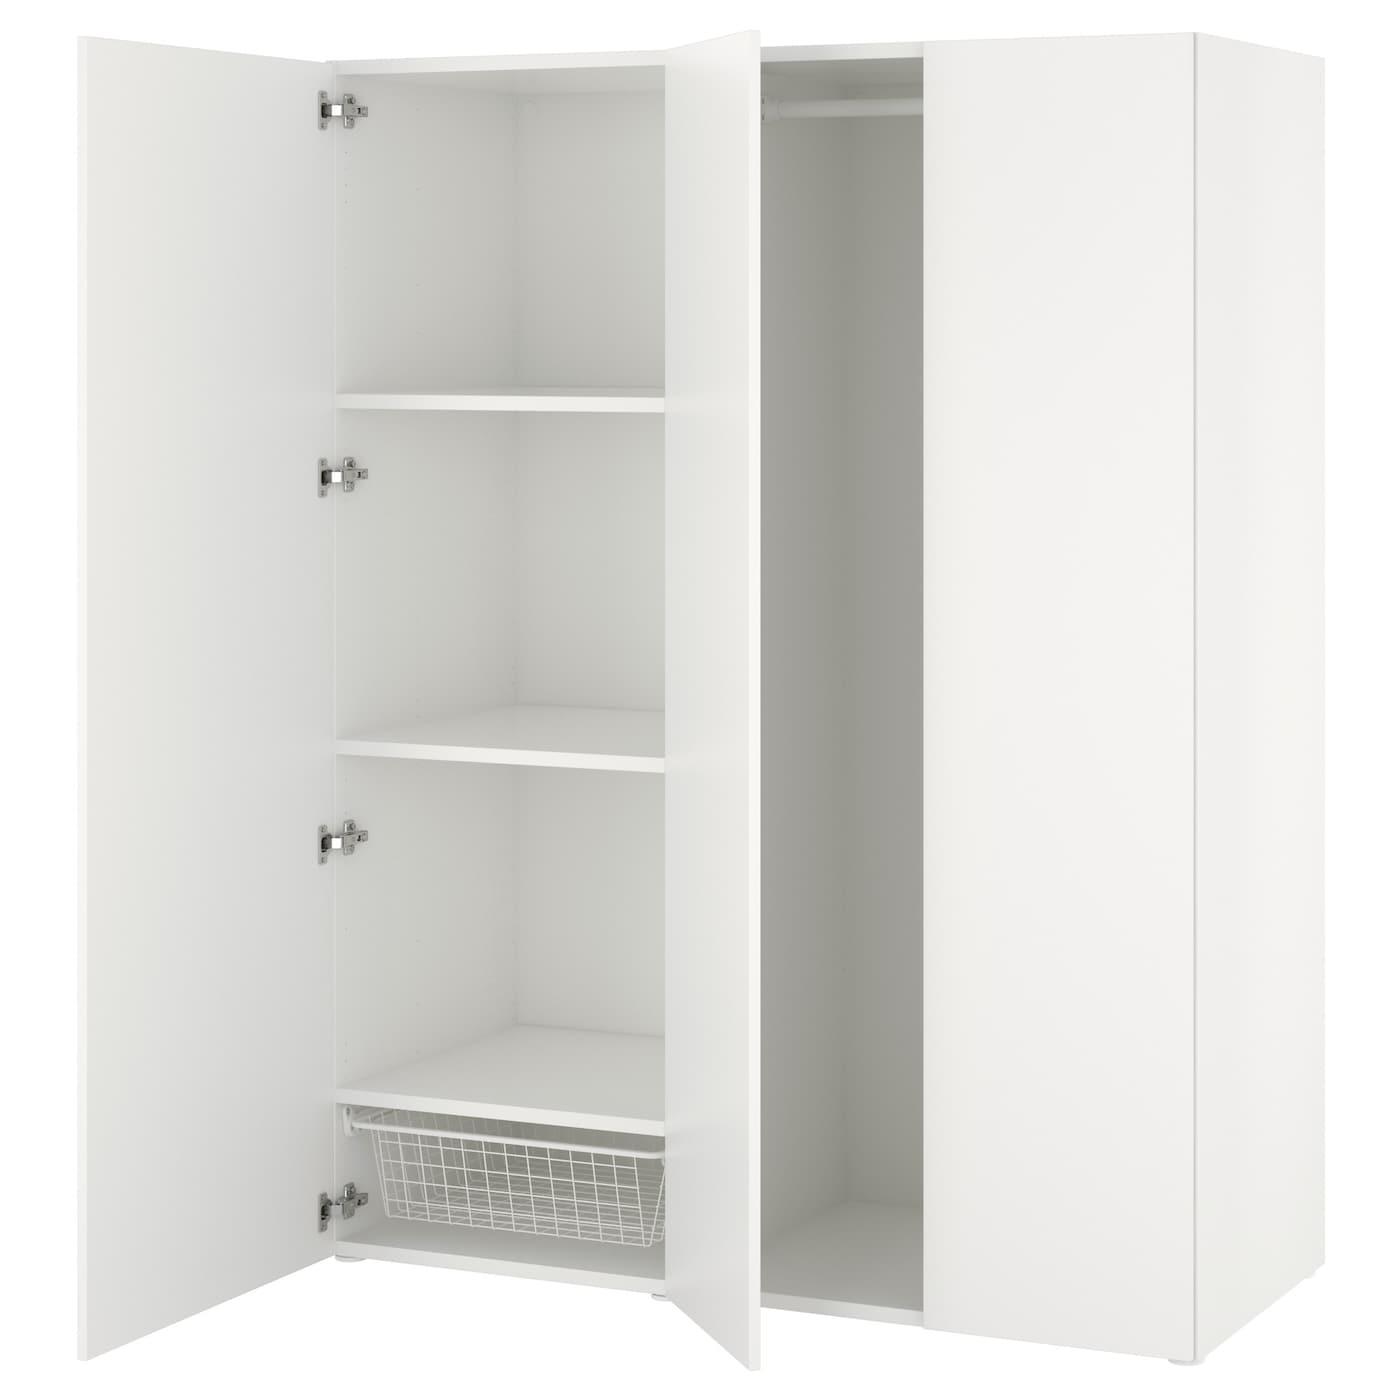 Platsa armoire penderie blanc fonnes blanc 140 x 57 x 181 for Outil de planification de placard ikea